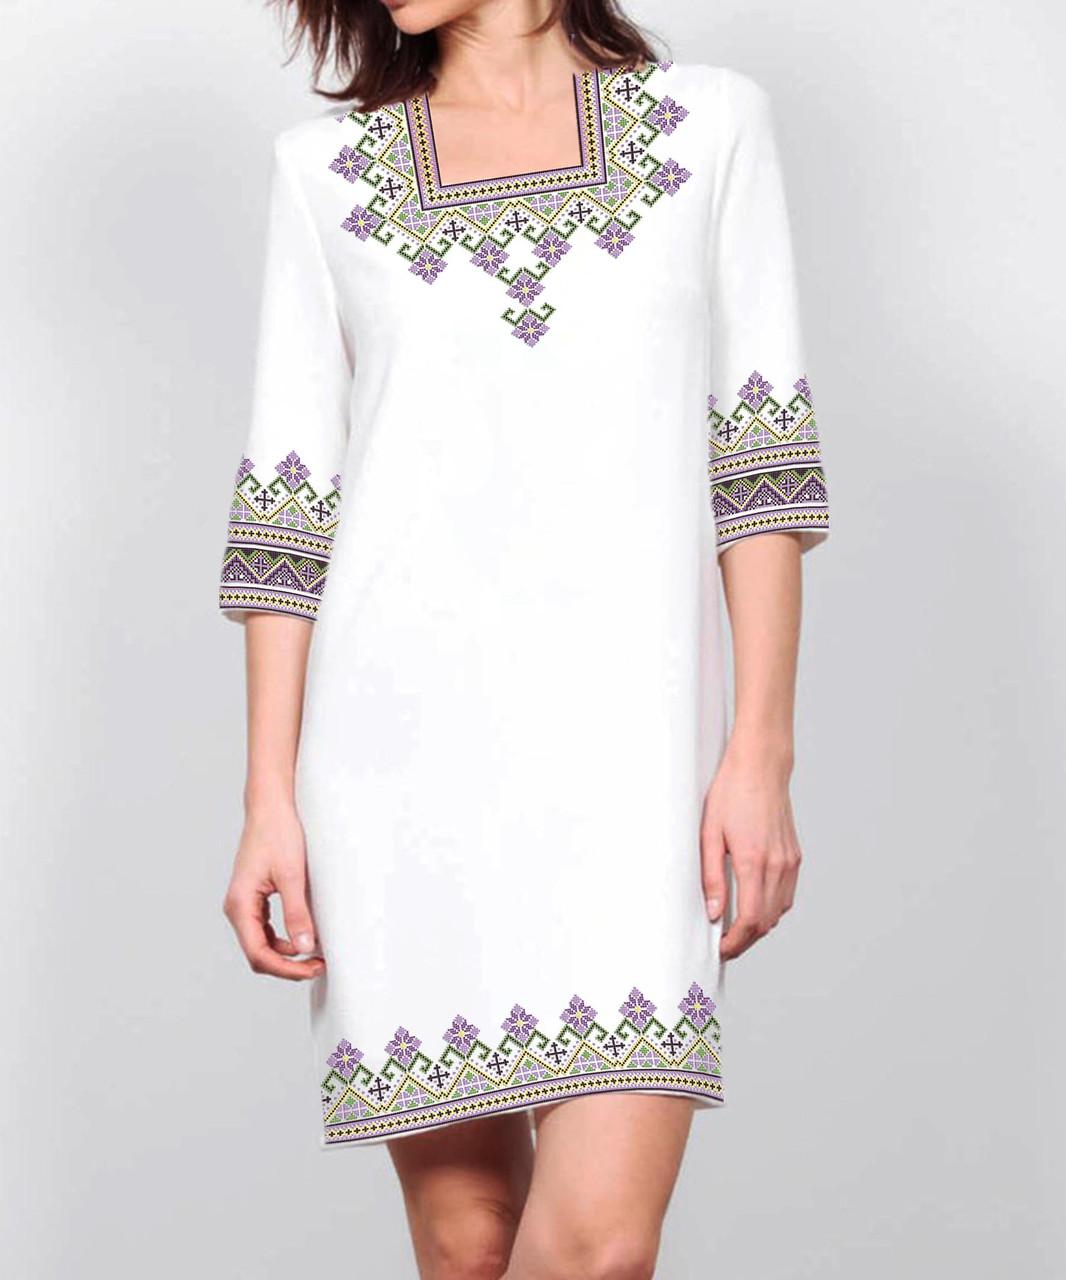 Заготовка жіночого плаття чи сукні для вишивки та вишивання бісером Бисерок  «Світанкове» (П-155 )